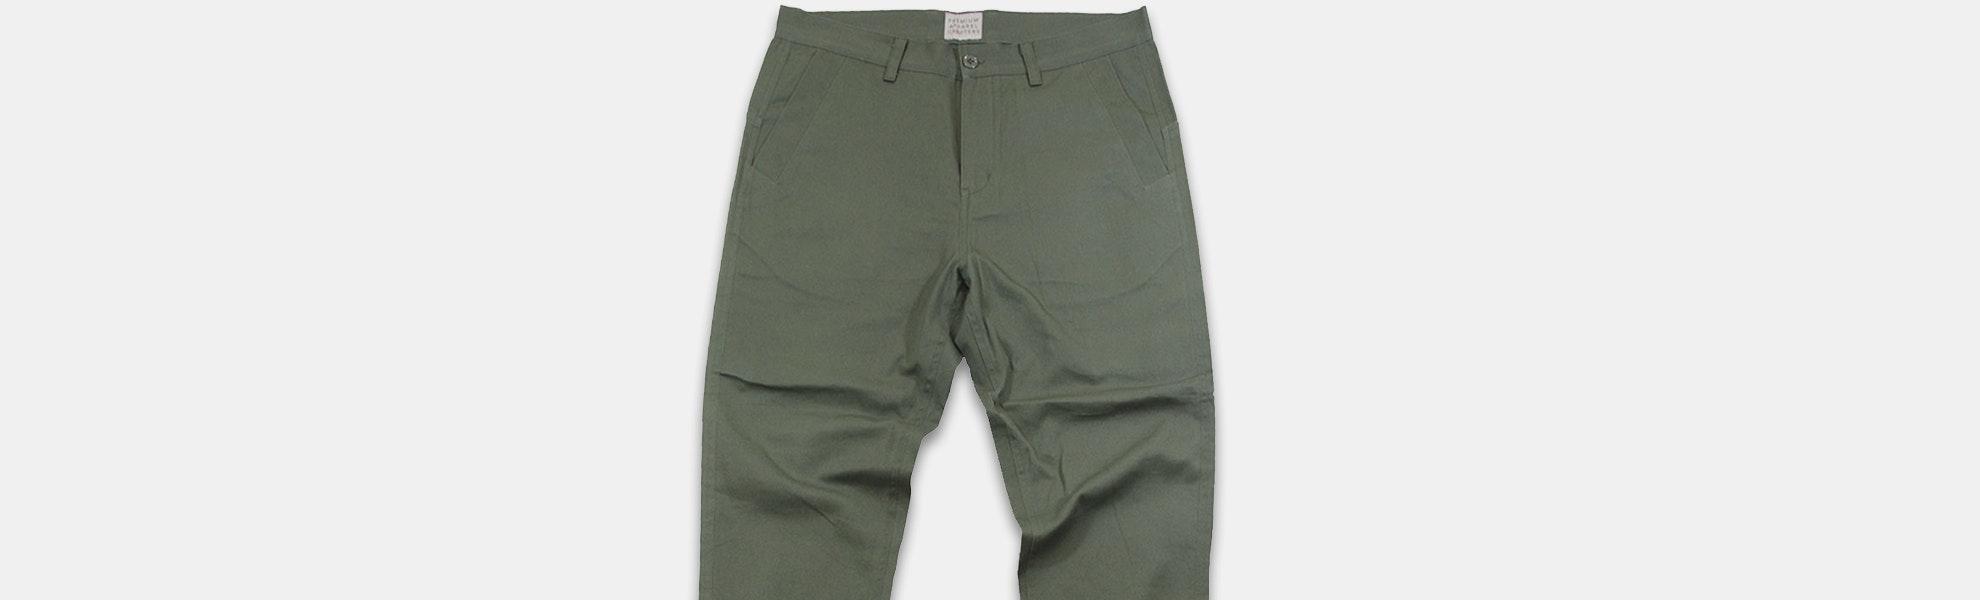 P.A.C. Commander Pants